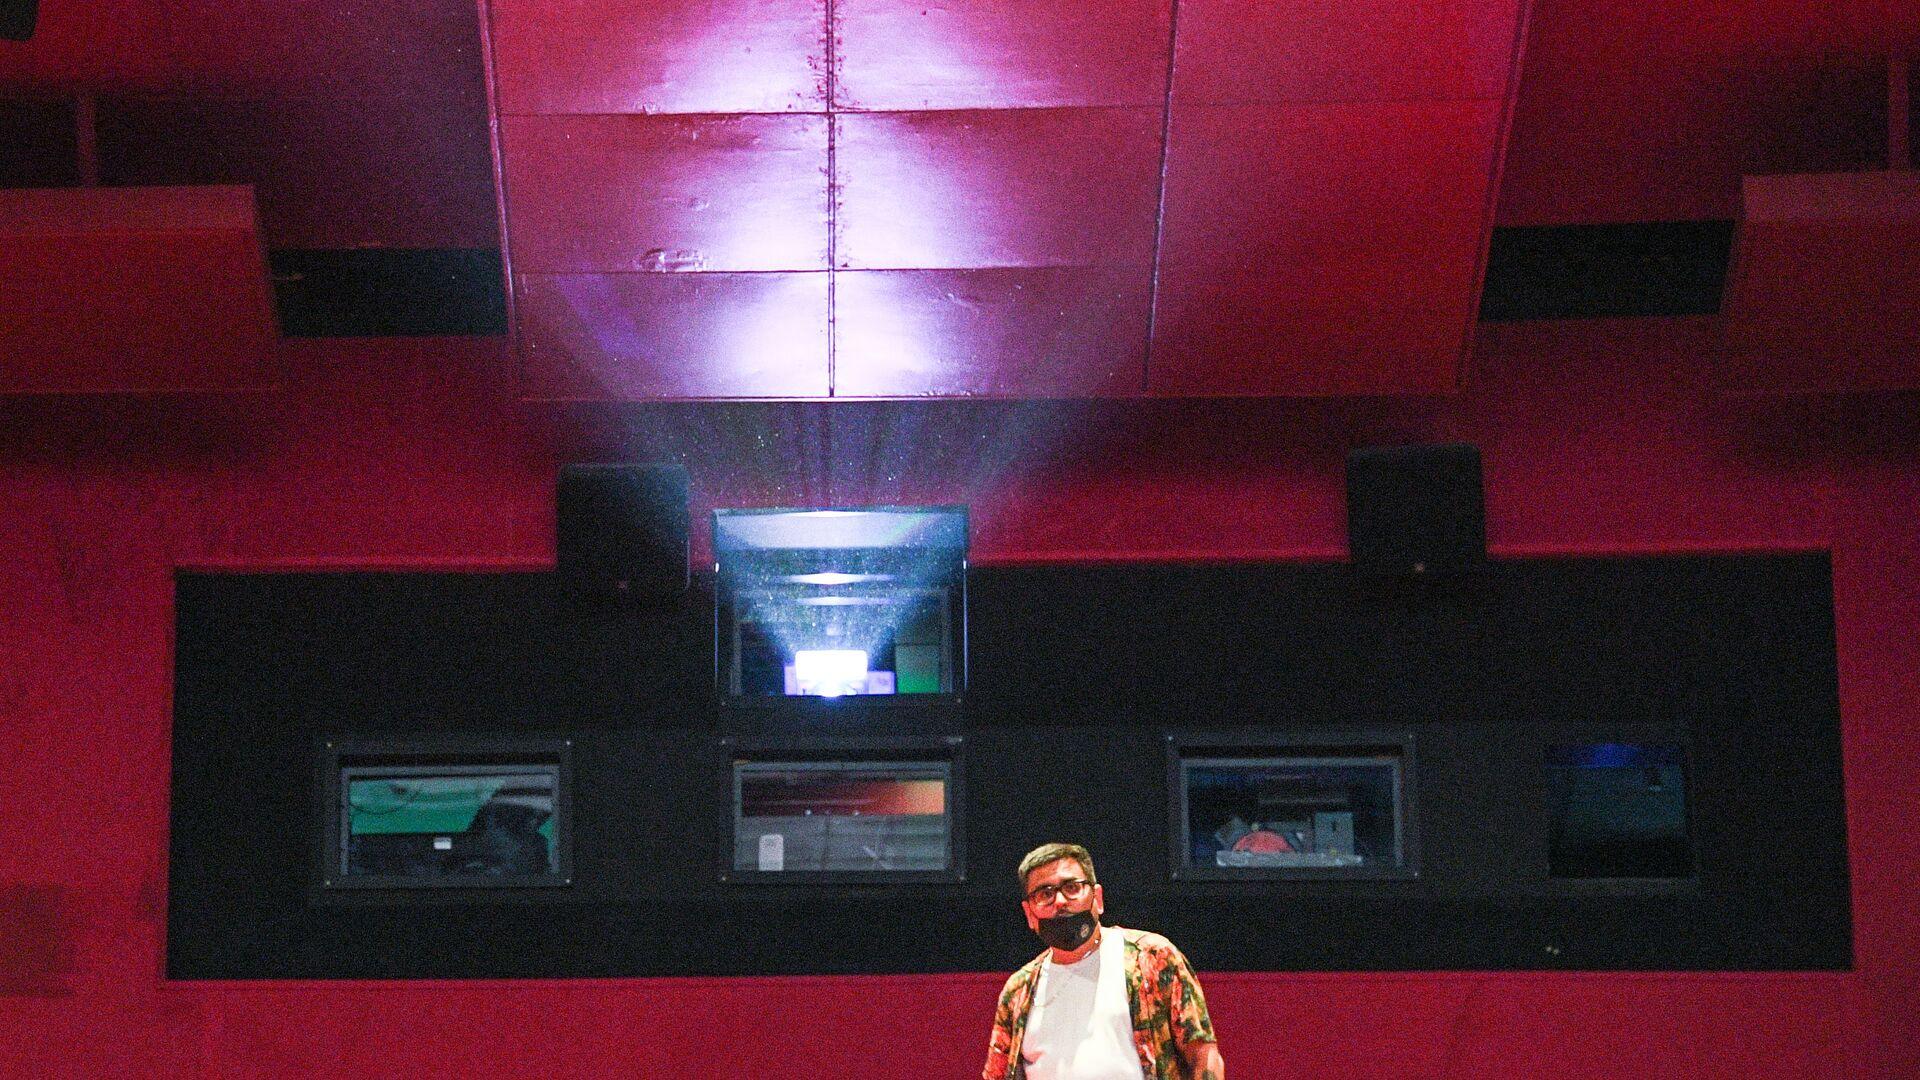 Proiettore in una sala del cinema - Sputnik Italia, 1920, 13.09.2021